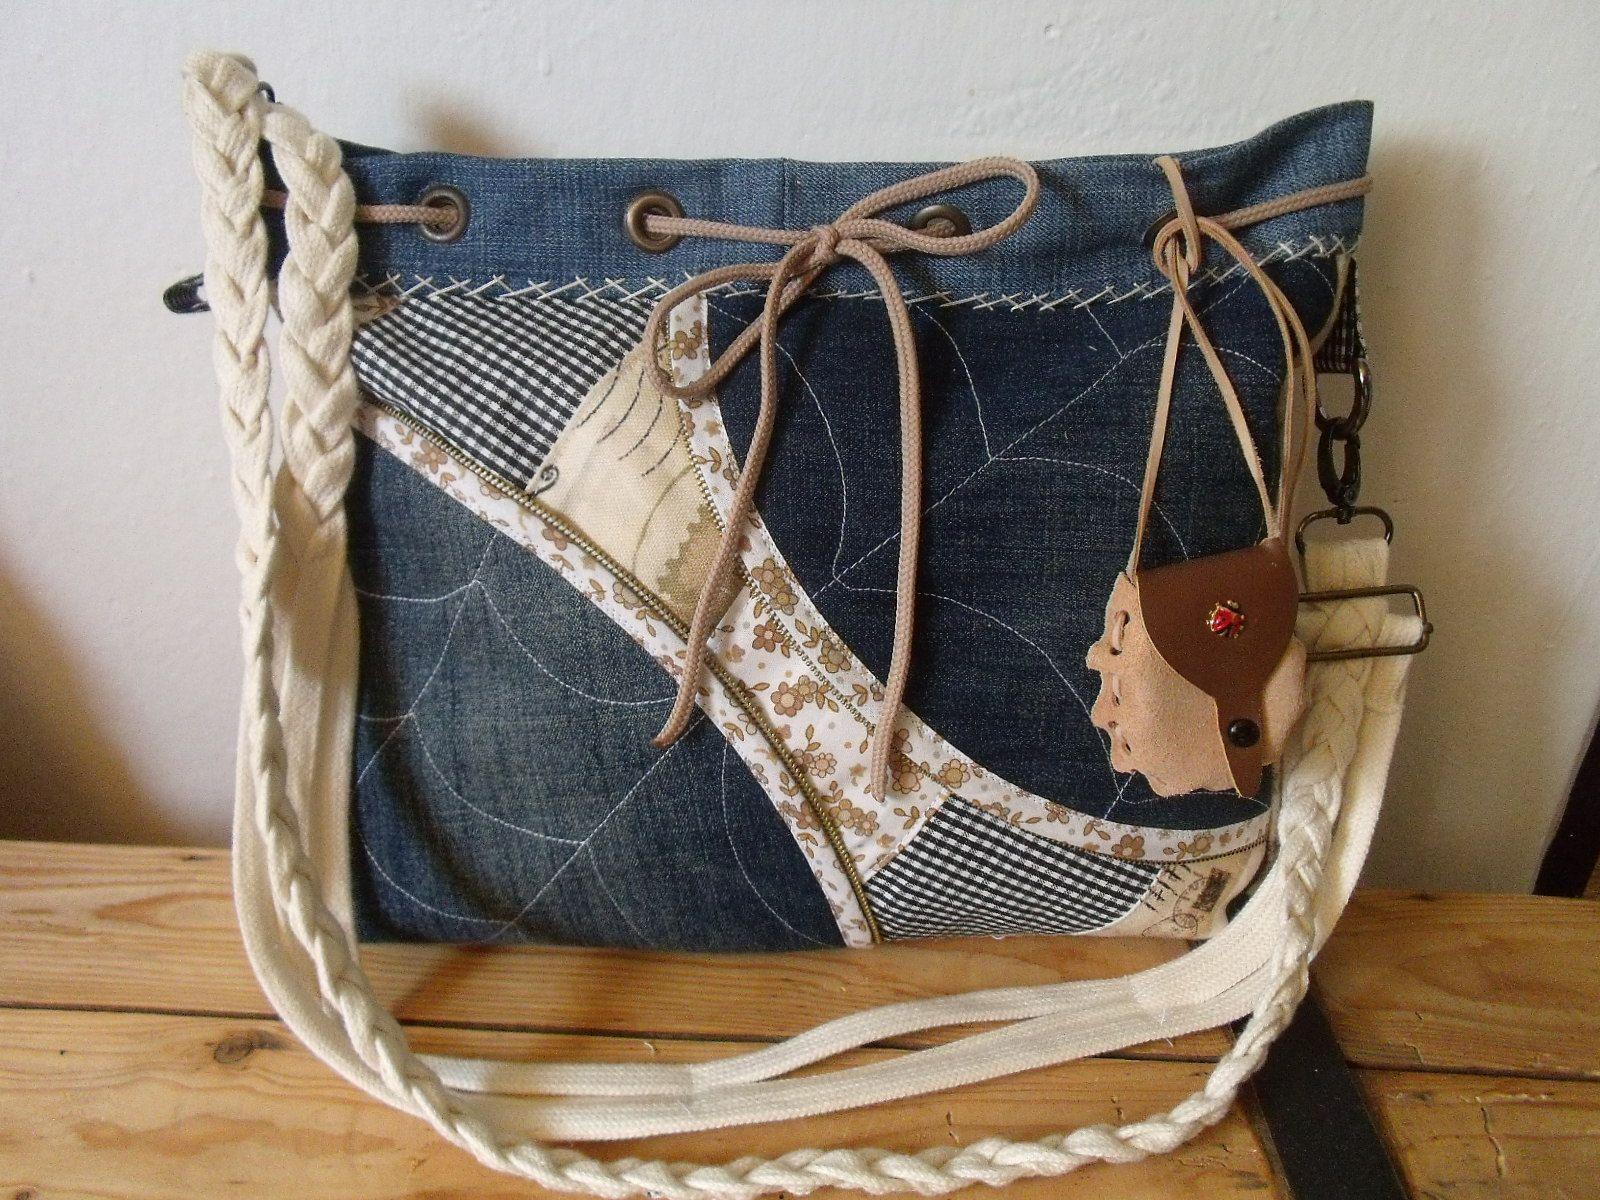 Riflová+kabelka+kabelka+je+ušitá+ze+100%+látky+vyztužená+uvnitř+tři+ ... 58f5f707ff6